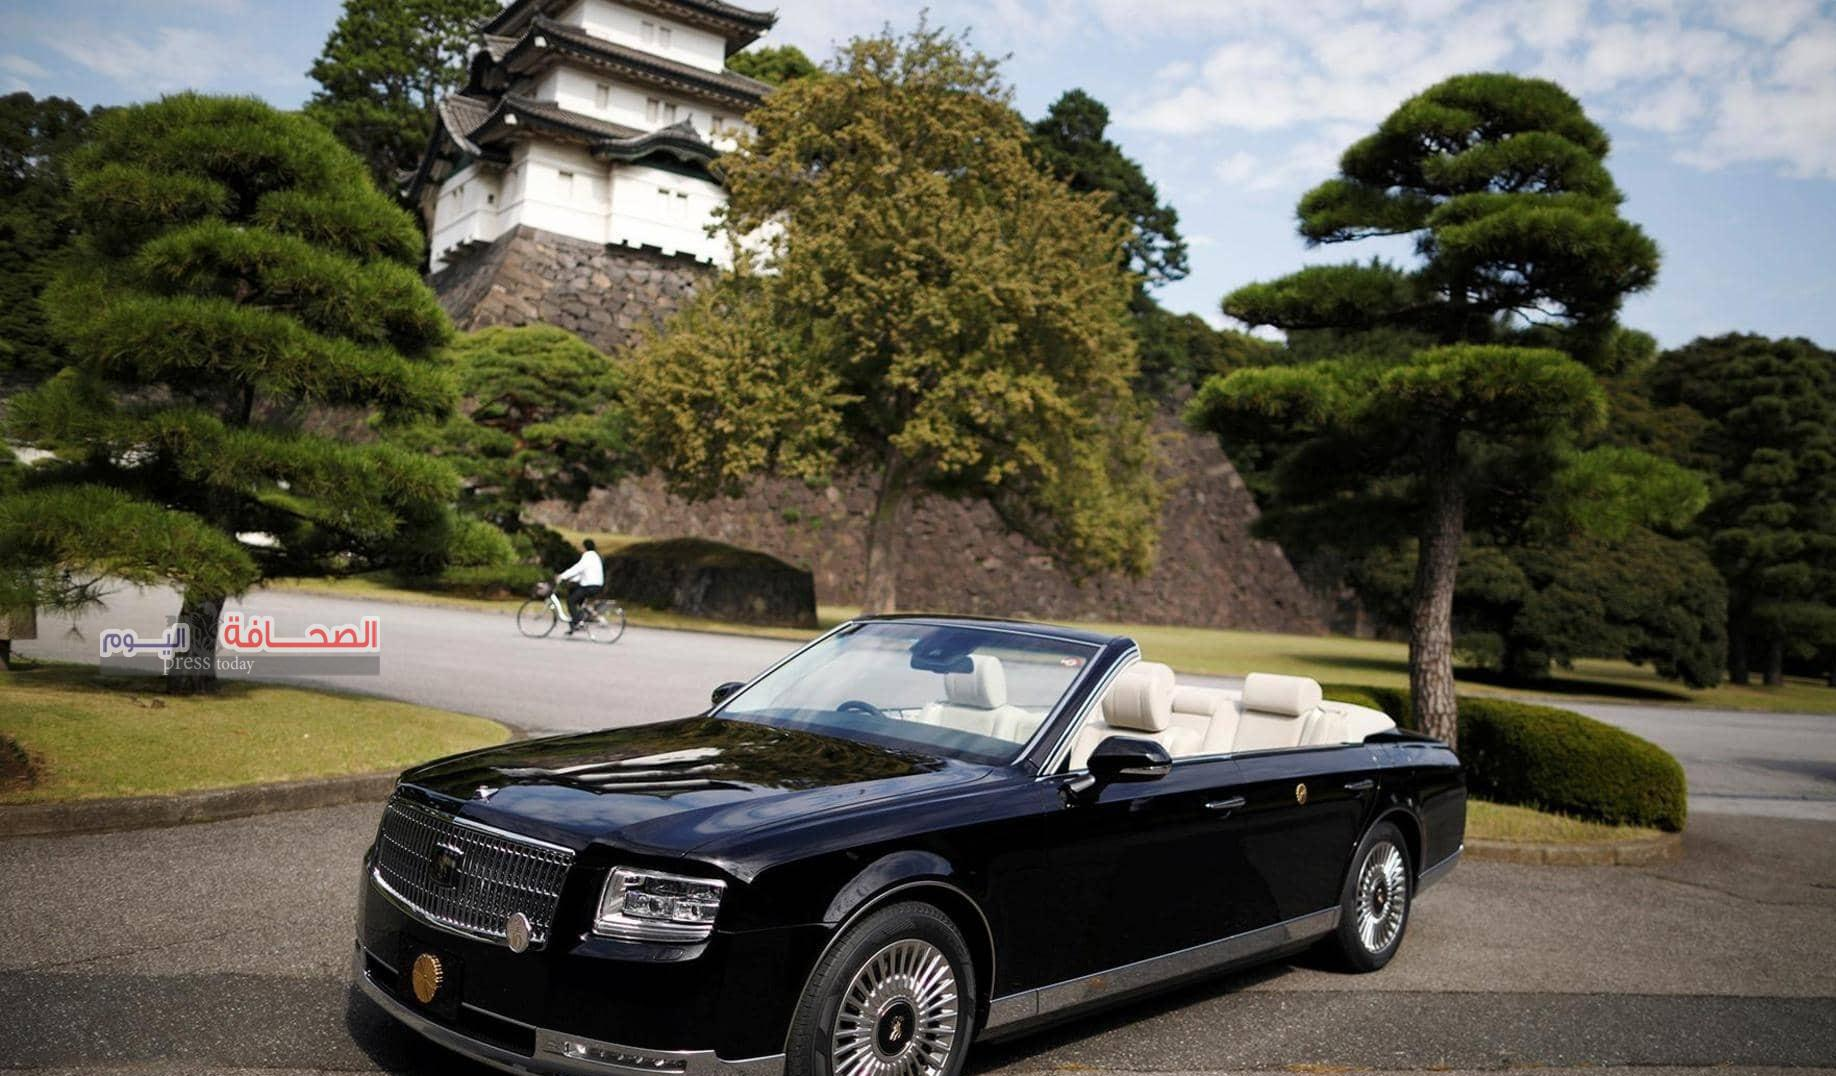 """تعرف على مواصفات  :""""تويوتا سنتشري"""" سيارة إمبراطور اليابان"""